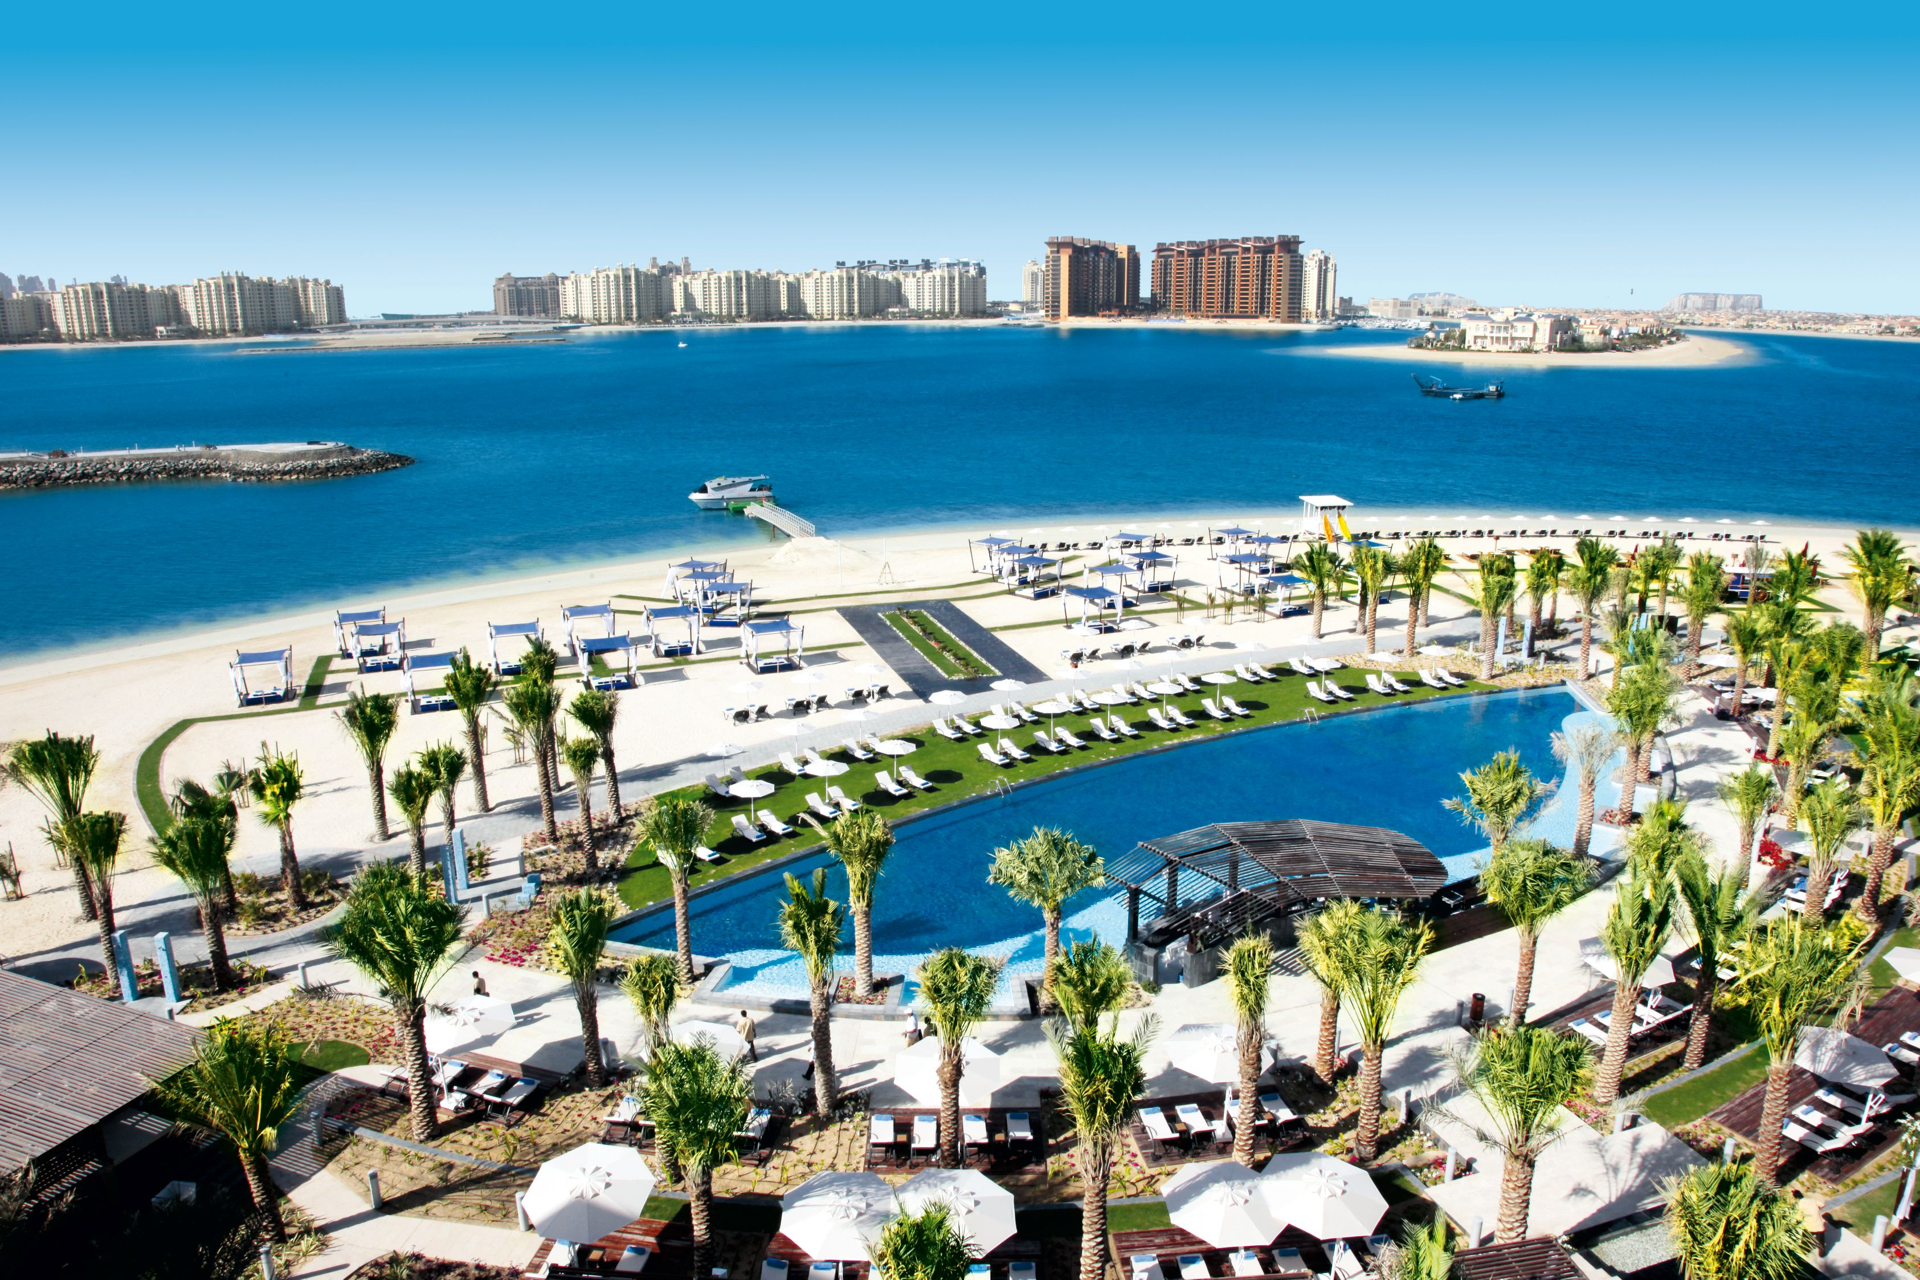 Rixos The Palm Dubai Hotel and Suites - 5*